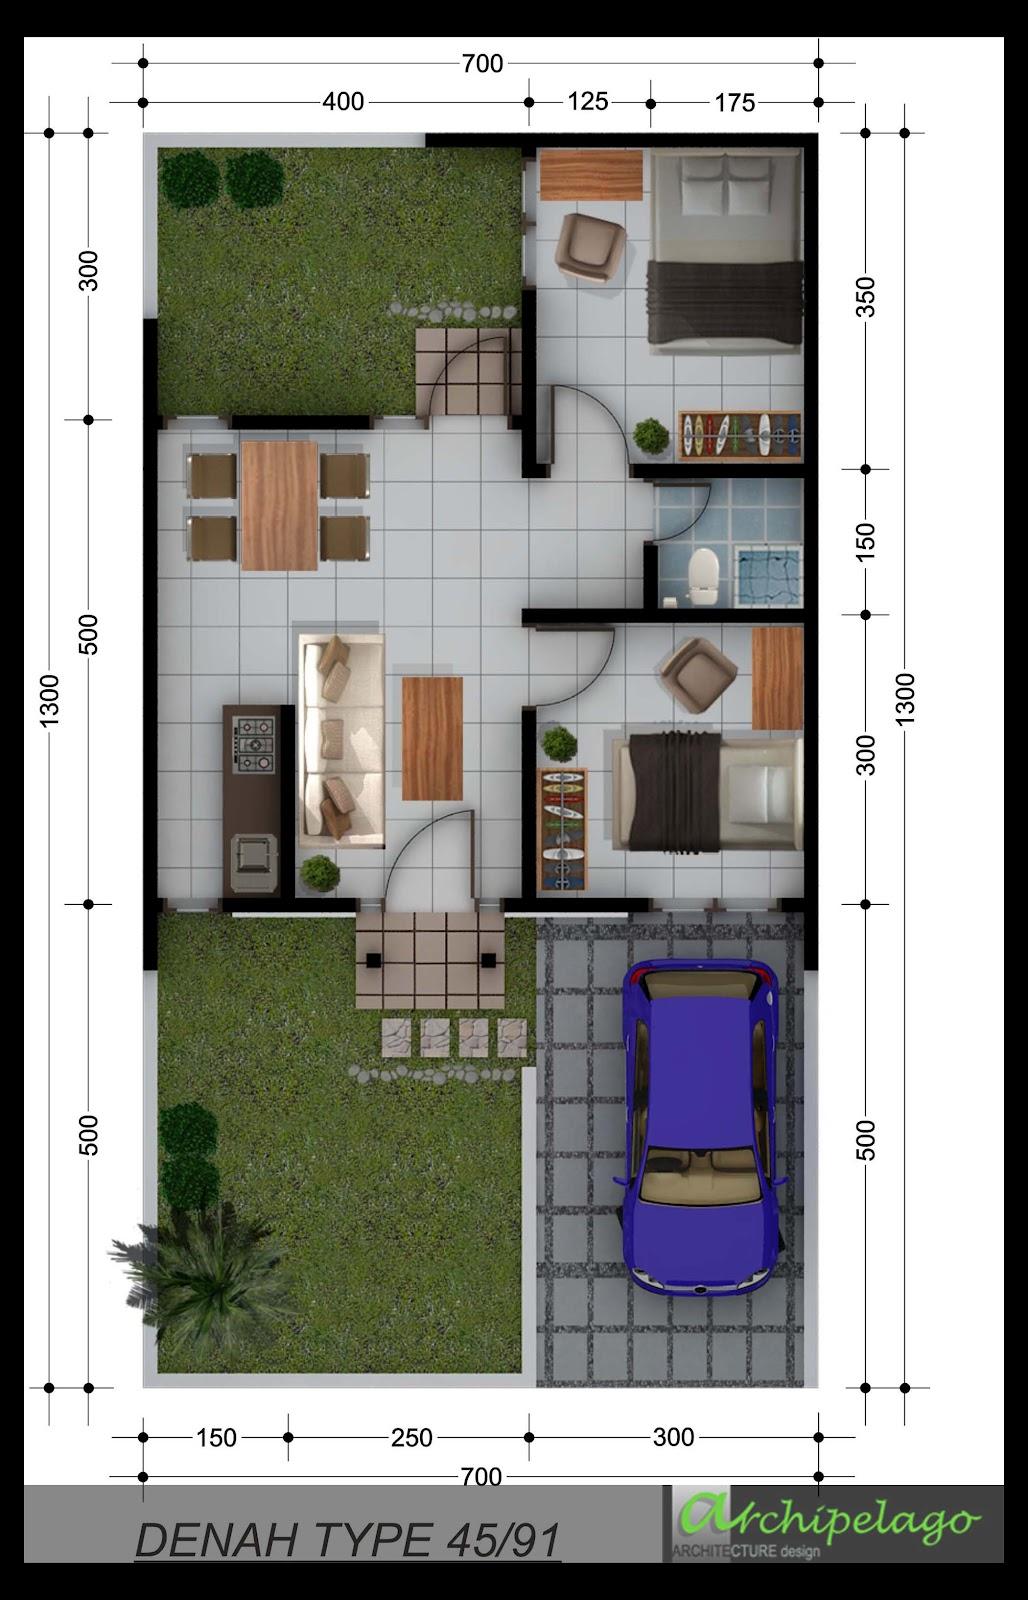 ARCHIPELAGO ARCHITECTURE design DENAH 3D